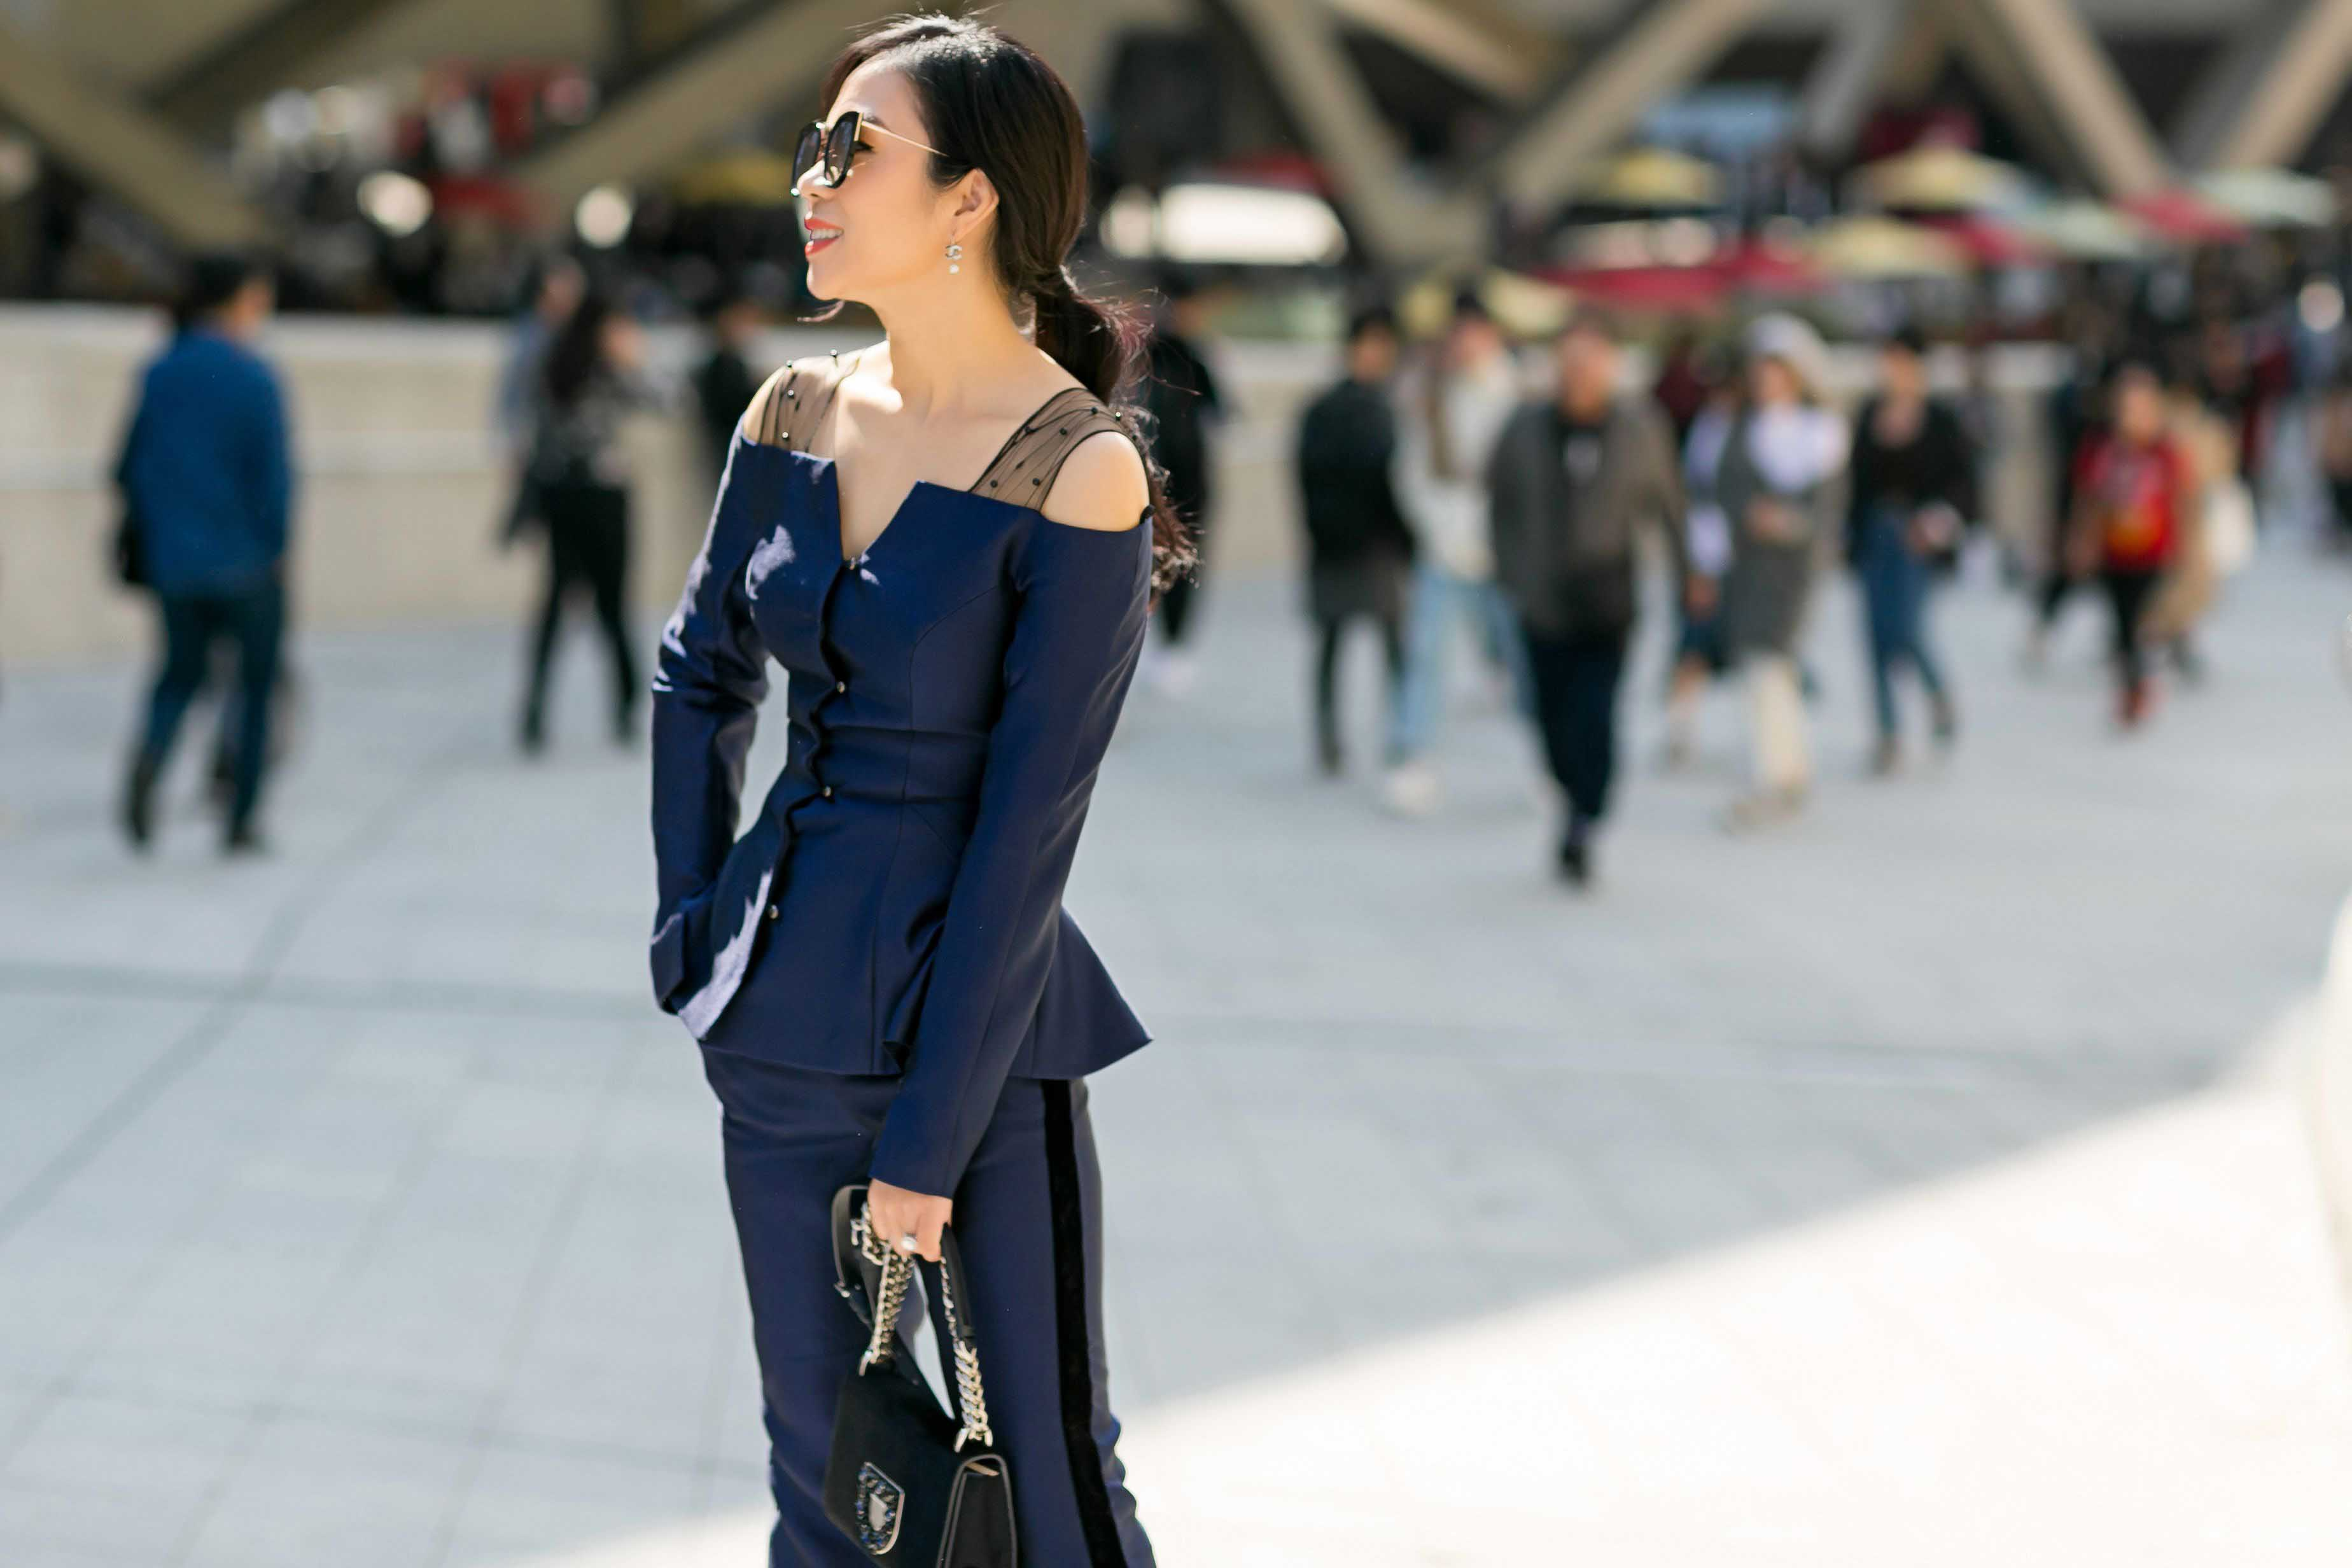 """Thú chơi hàng hiệu """"khủng"""" của fashionista Lưu Nga - hình ảnh 8"""